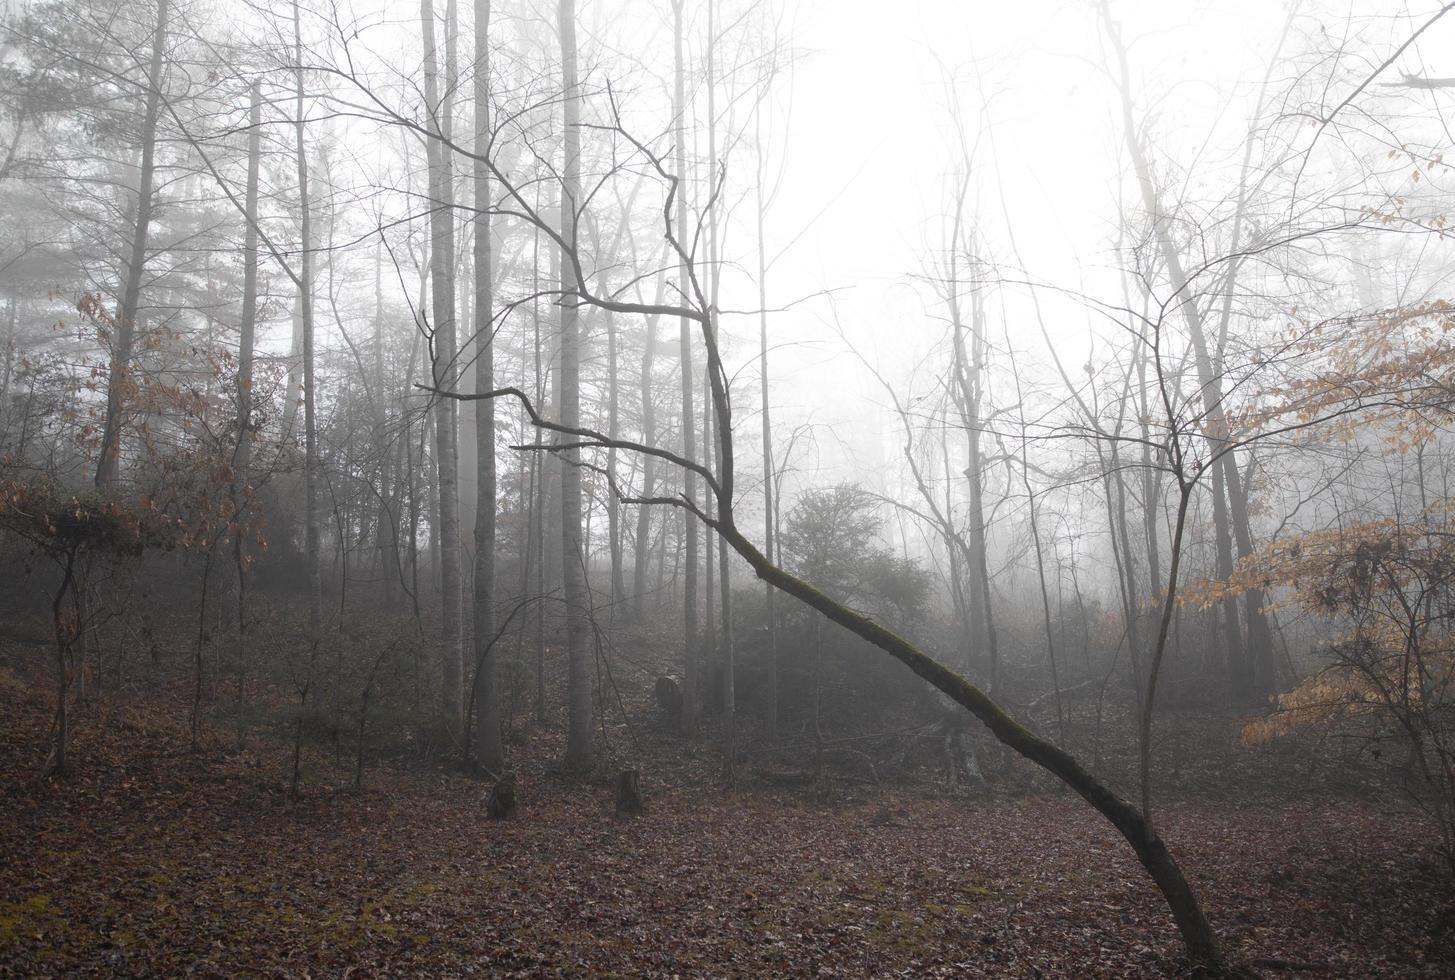 Desbroce de bosques rurales en una brumosa mañana de invierno foto